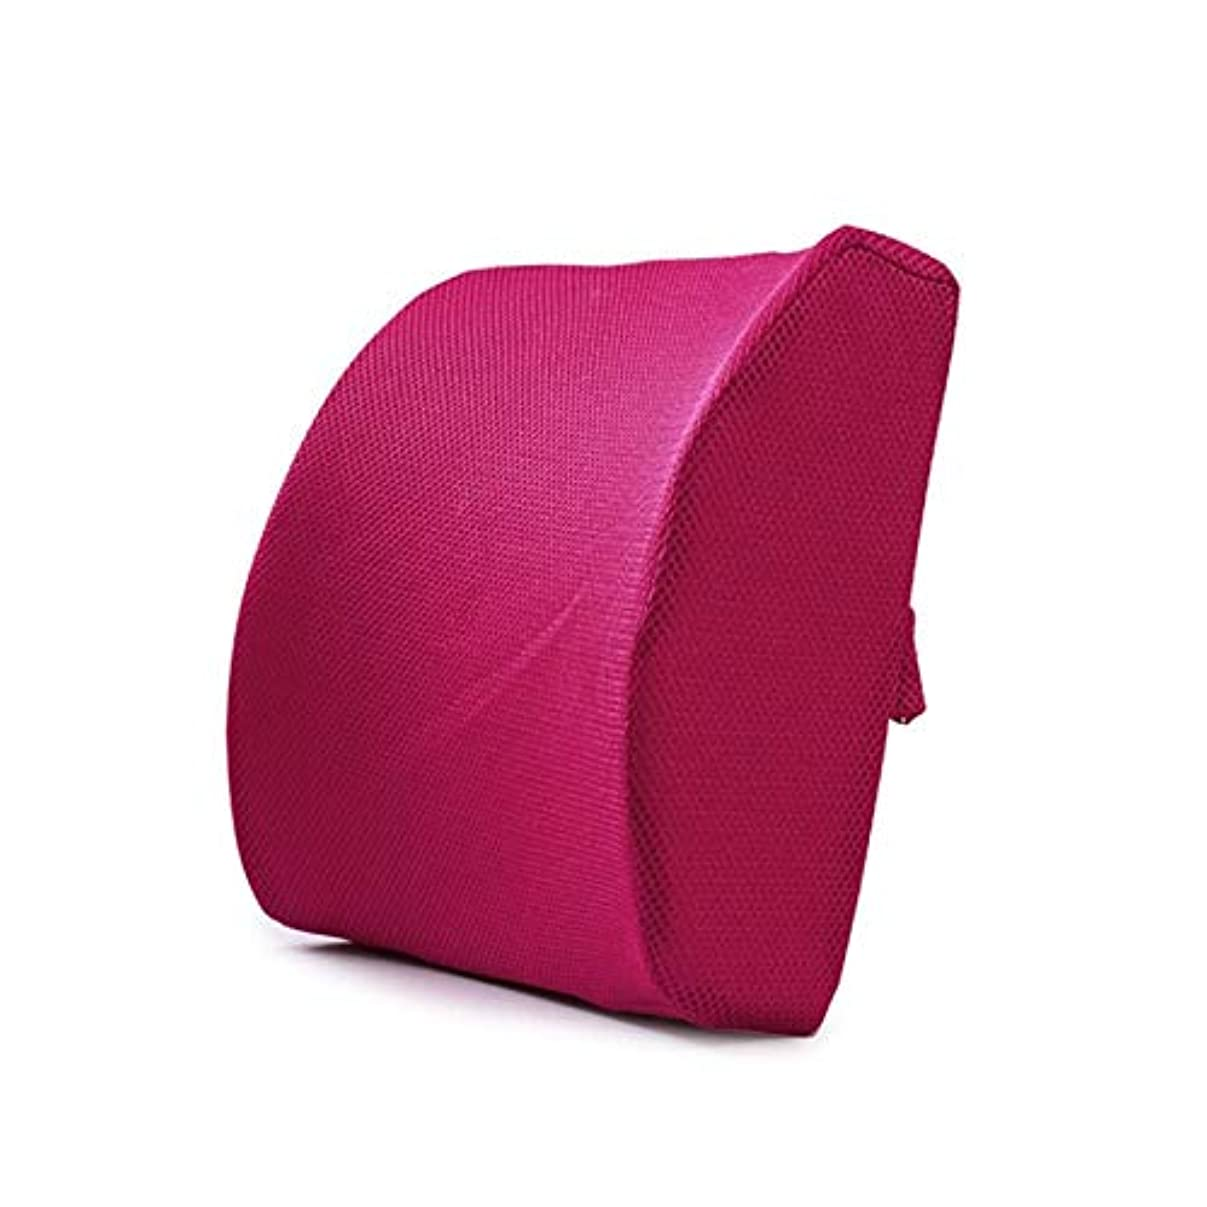 プロット蒸留するもっともらしいLIFE ホームオフィス背もたれ椅子腰椎クッションカーシートネック枕 3D 低反発サポートバックマッサージウエストレスリビング枕 クッション 椅子